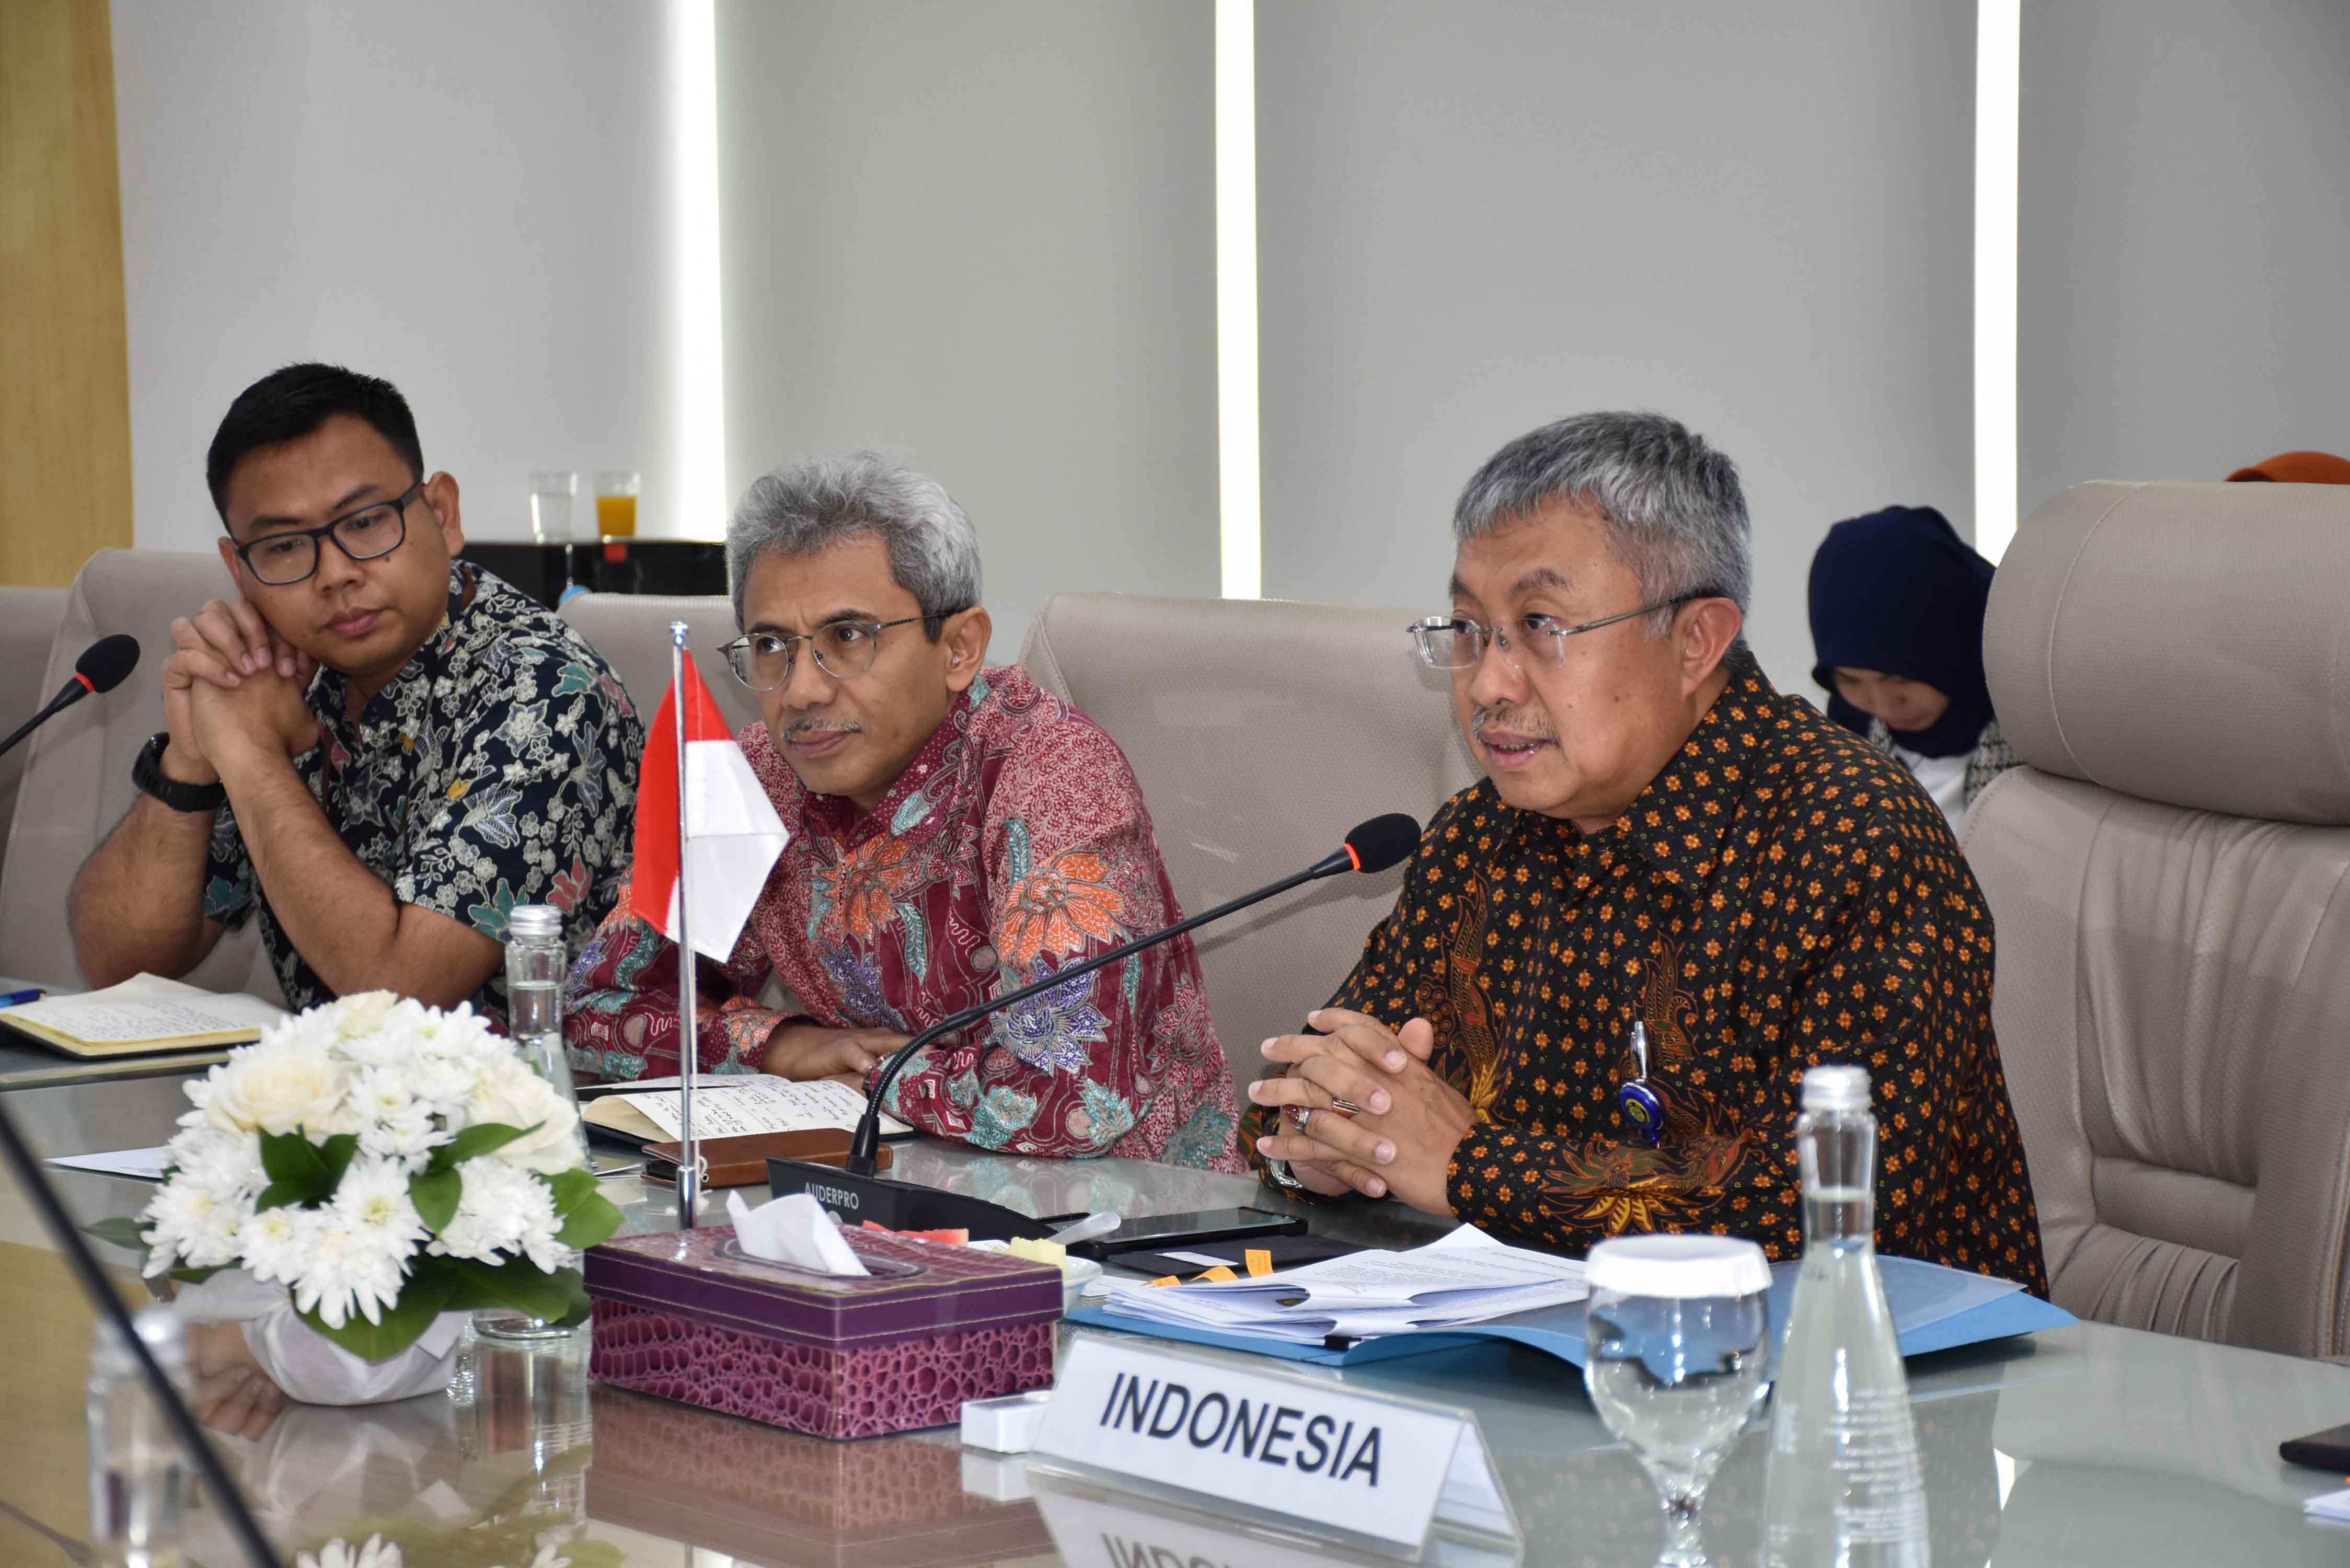 Program SSC bertujuan untuk membantu Pemerintah Indonesia dalam pengembangan kebijakan, strategi dan solusi untuk meningkatkan rasio elektrifikasi dan mencapai target EBT dan konservasi energi.